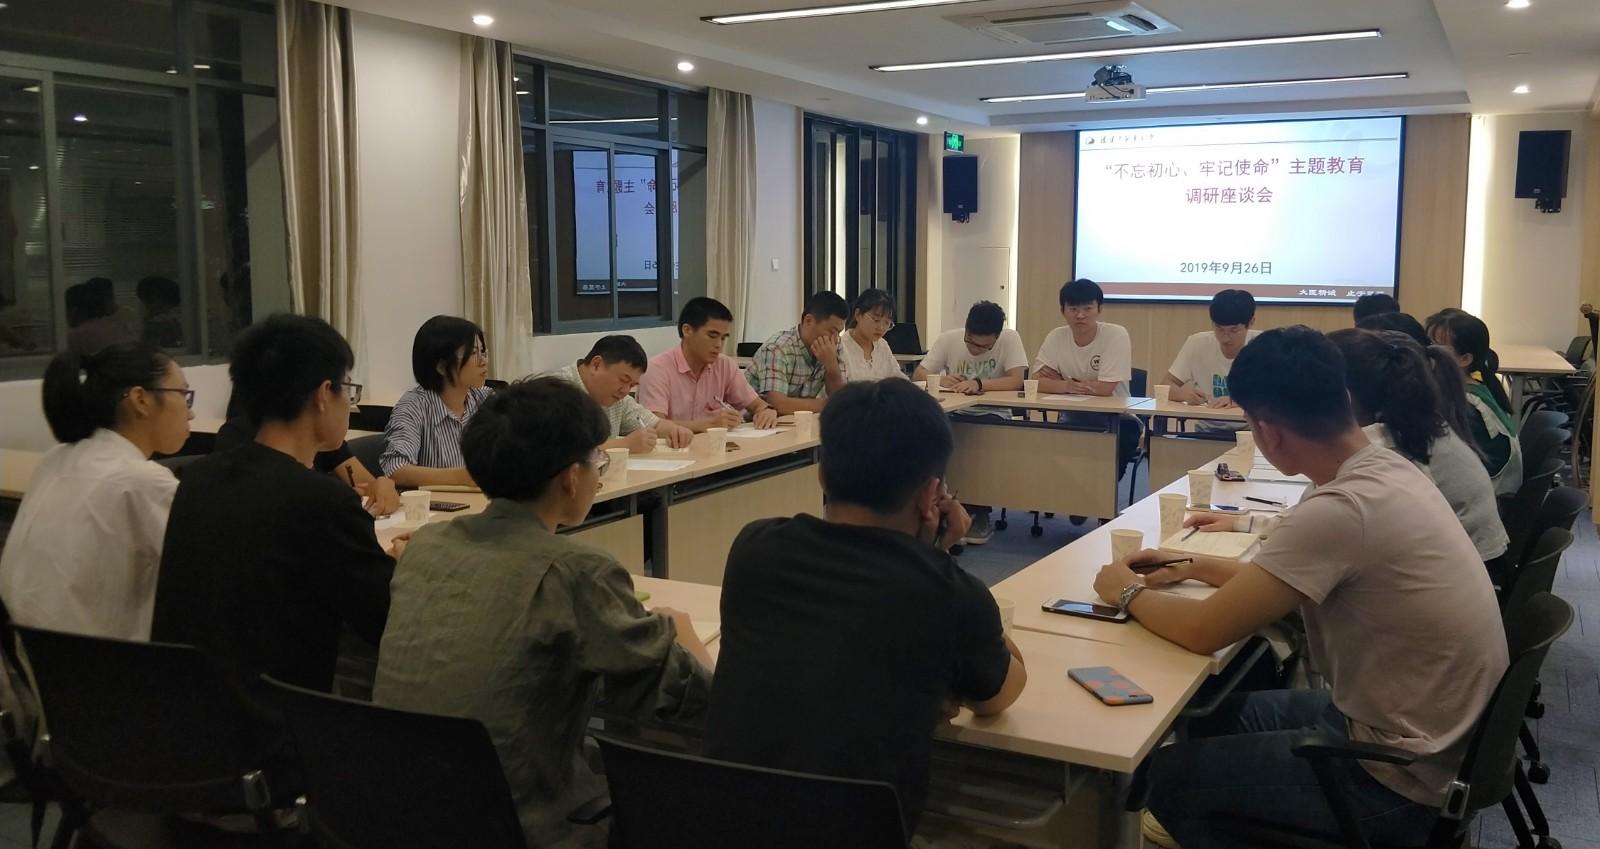 【福中医】校党委副书记黄子杰深入学生开展调研